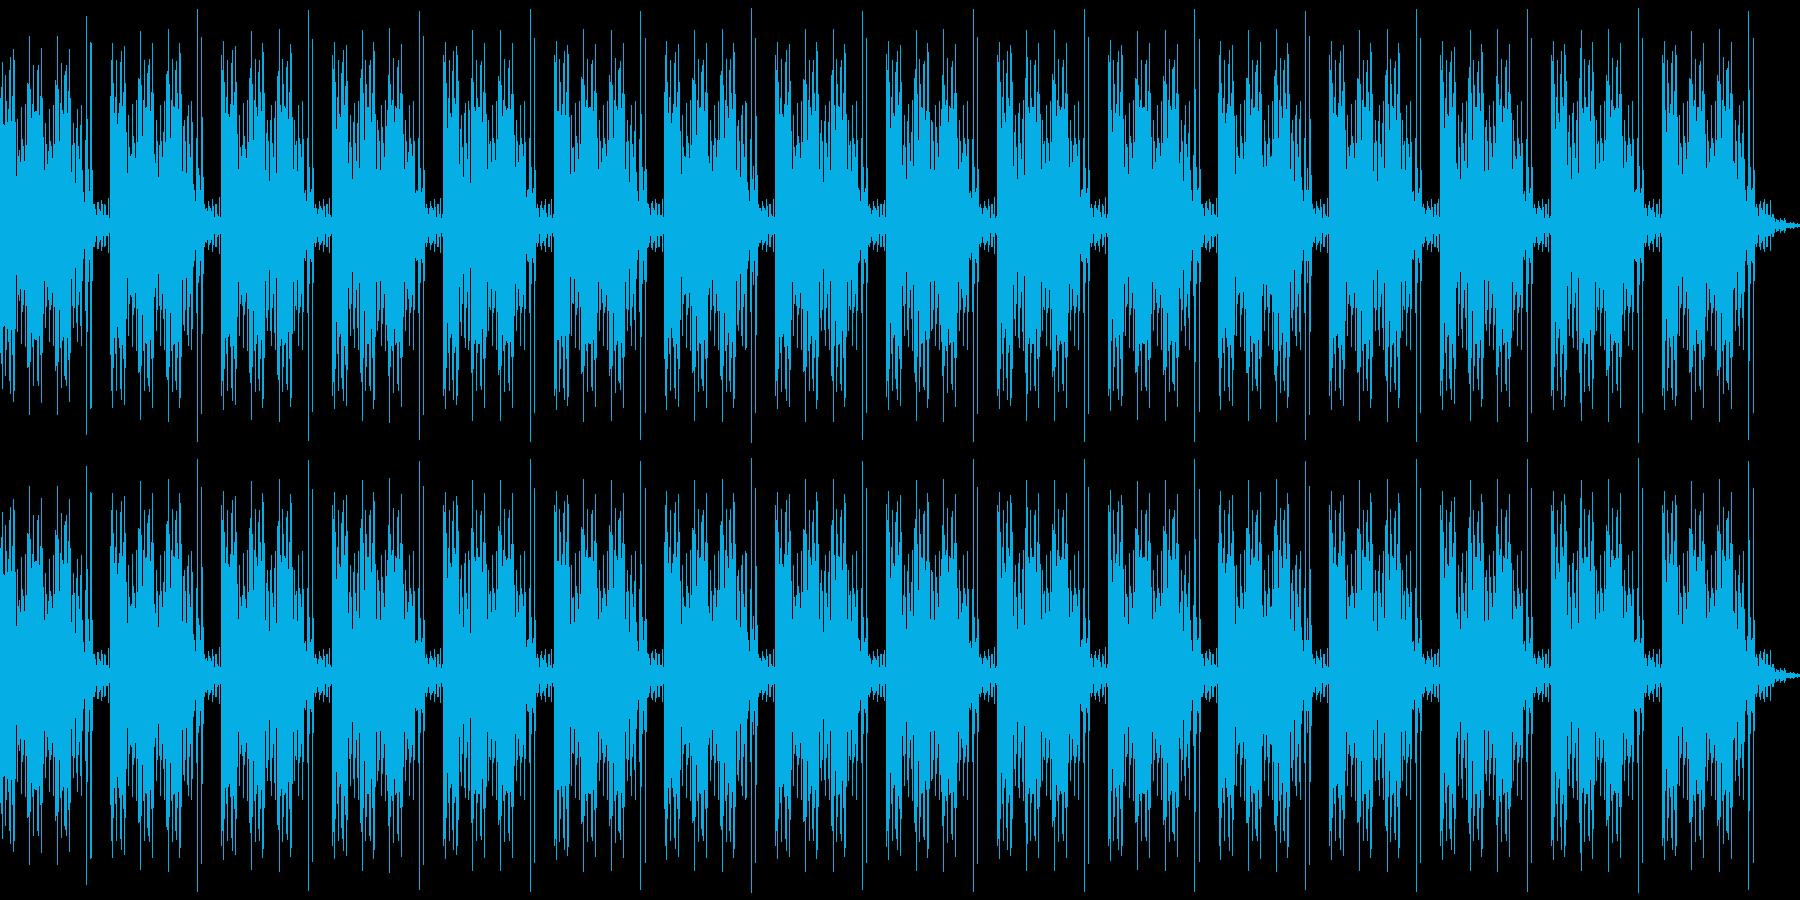 ガッガッガッ、カチ(ループ)の再生済みの波形